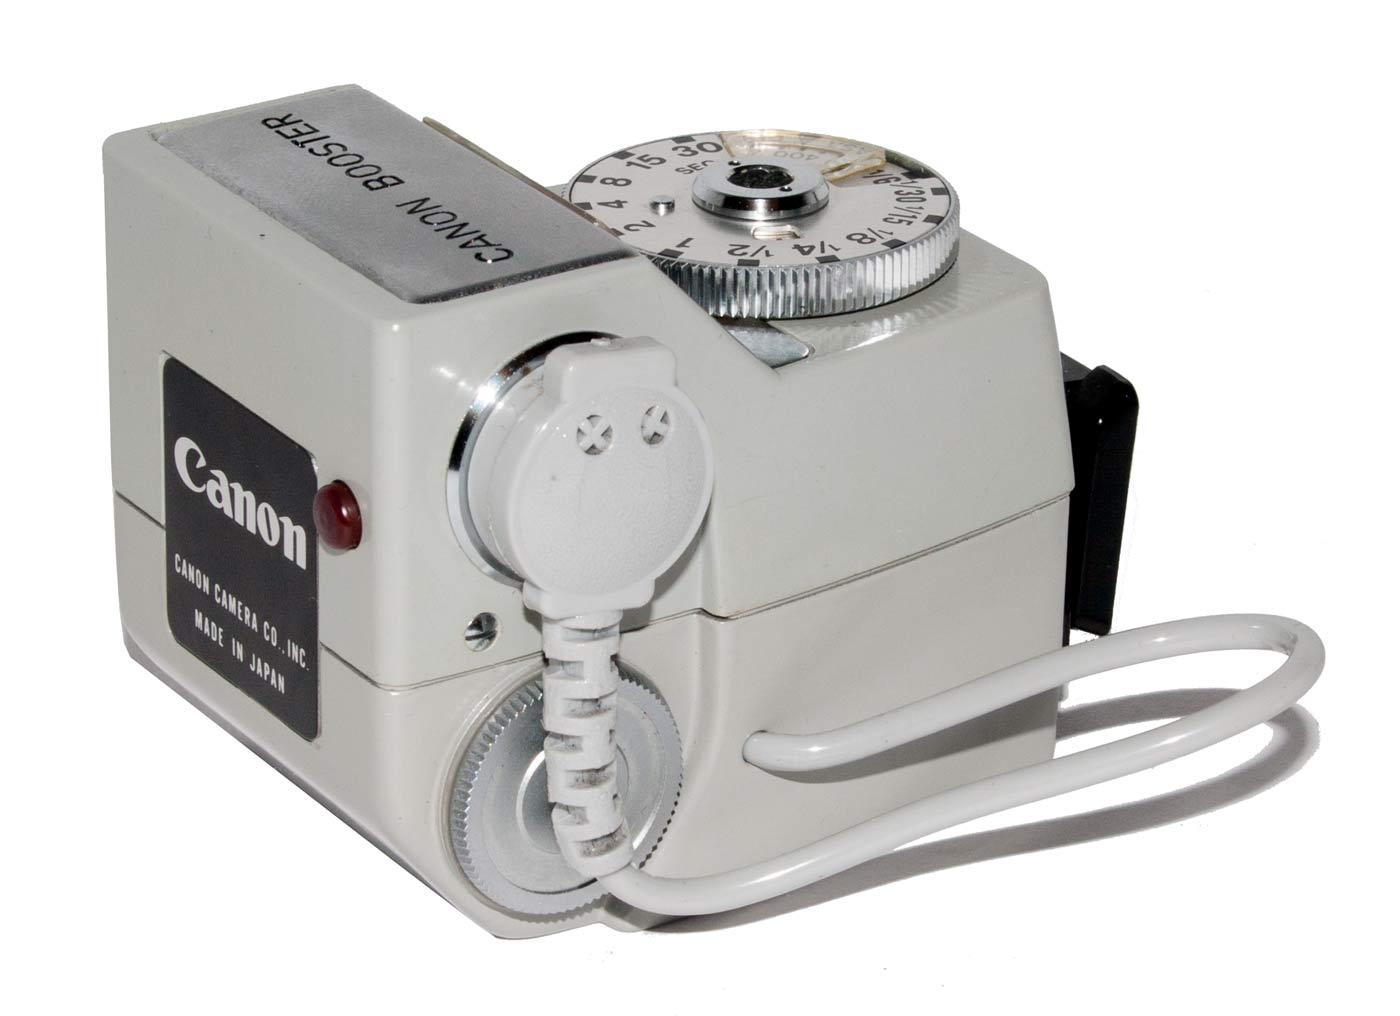 Canon Booster Lightmeter